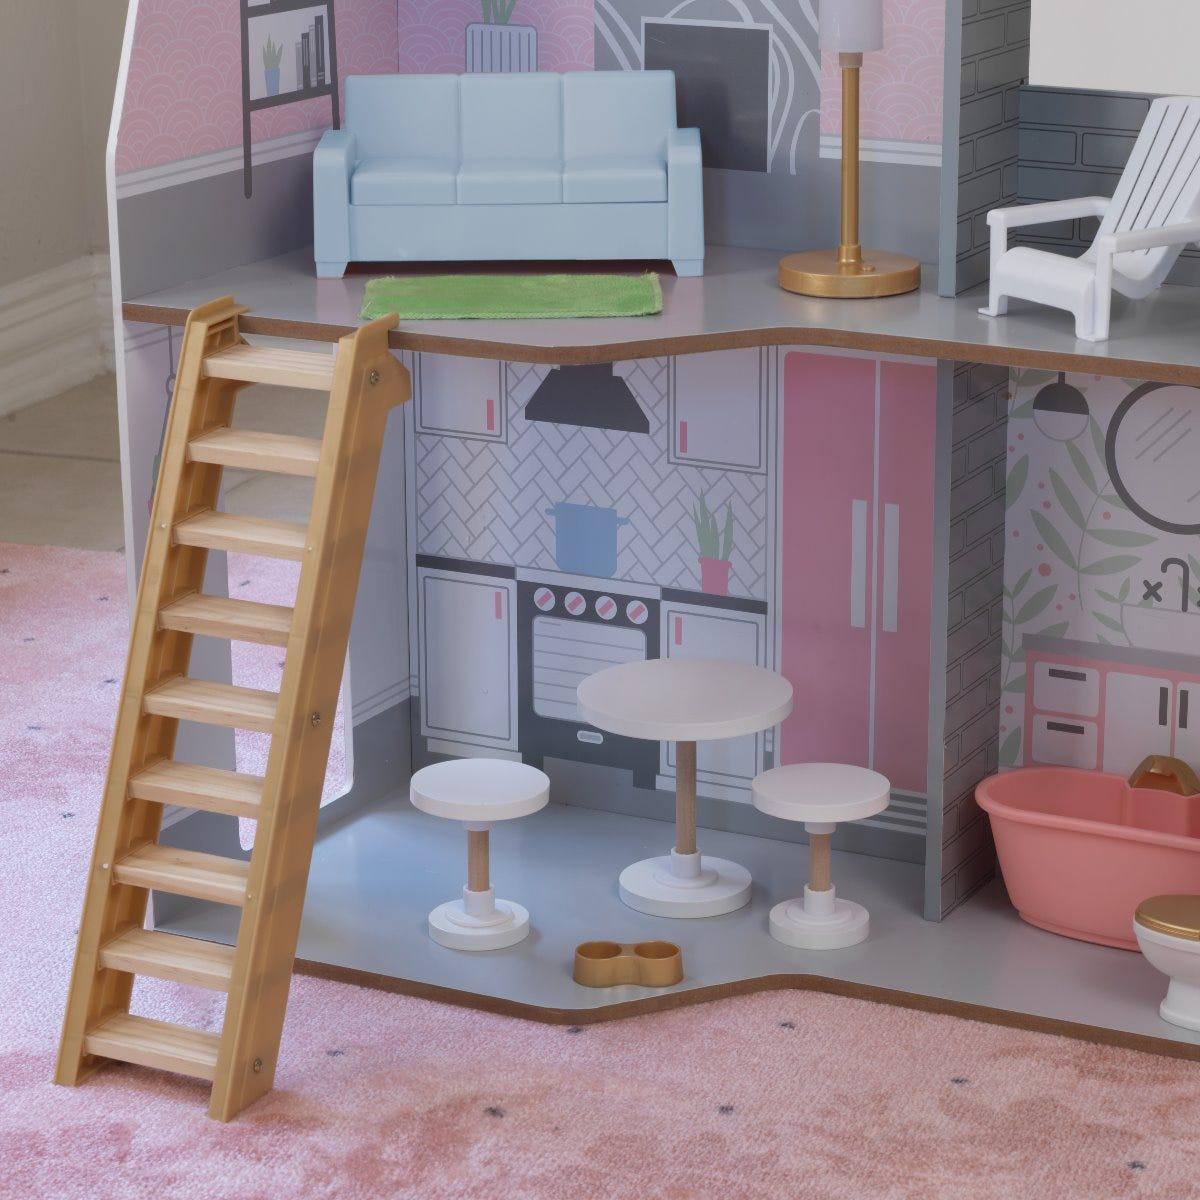 Kidkraft къща за кукли Алина от дърво-bellamiestore